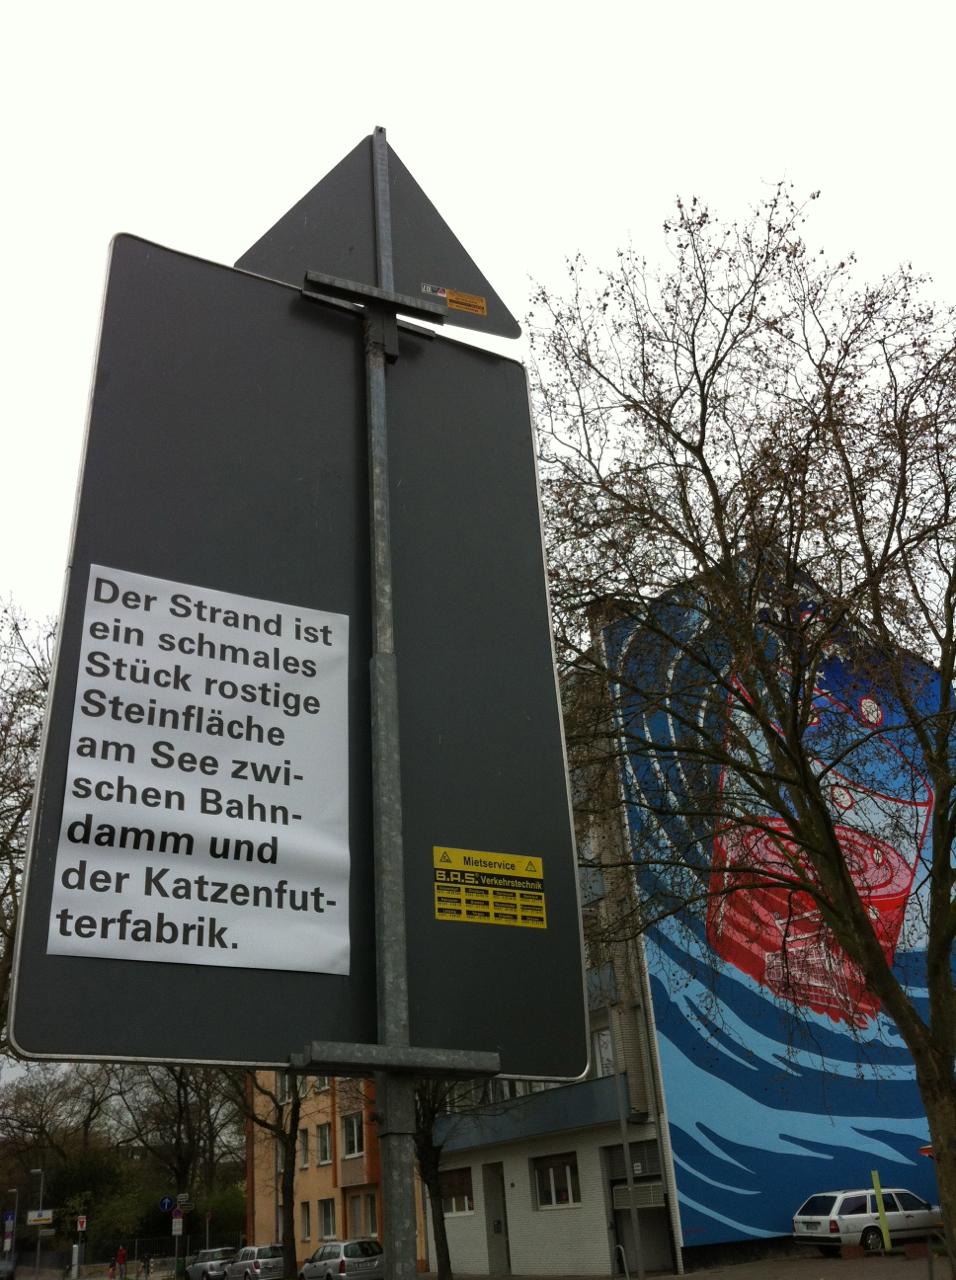 Streetart und bunte Wände in Düsseldorf – bilkOrama